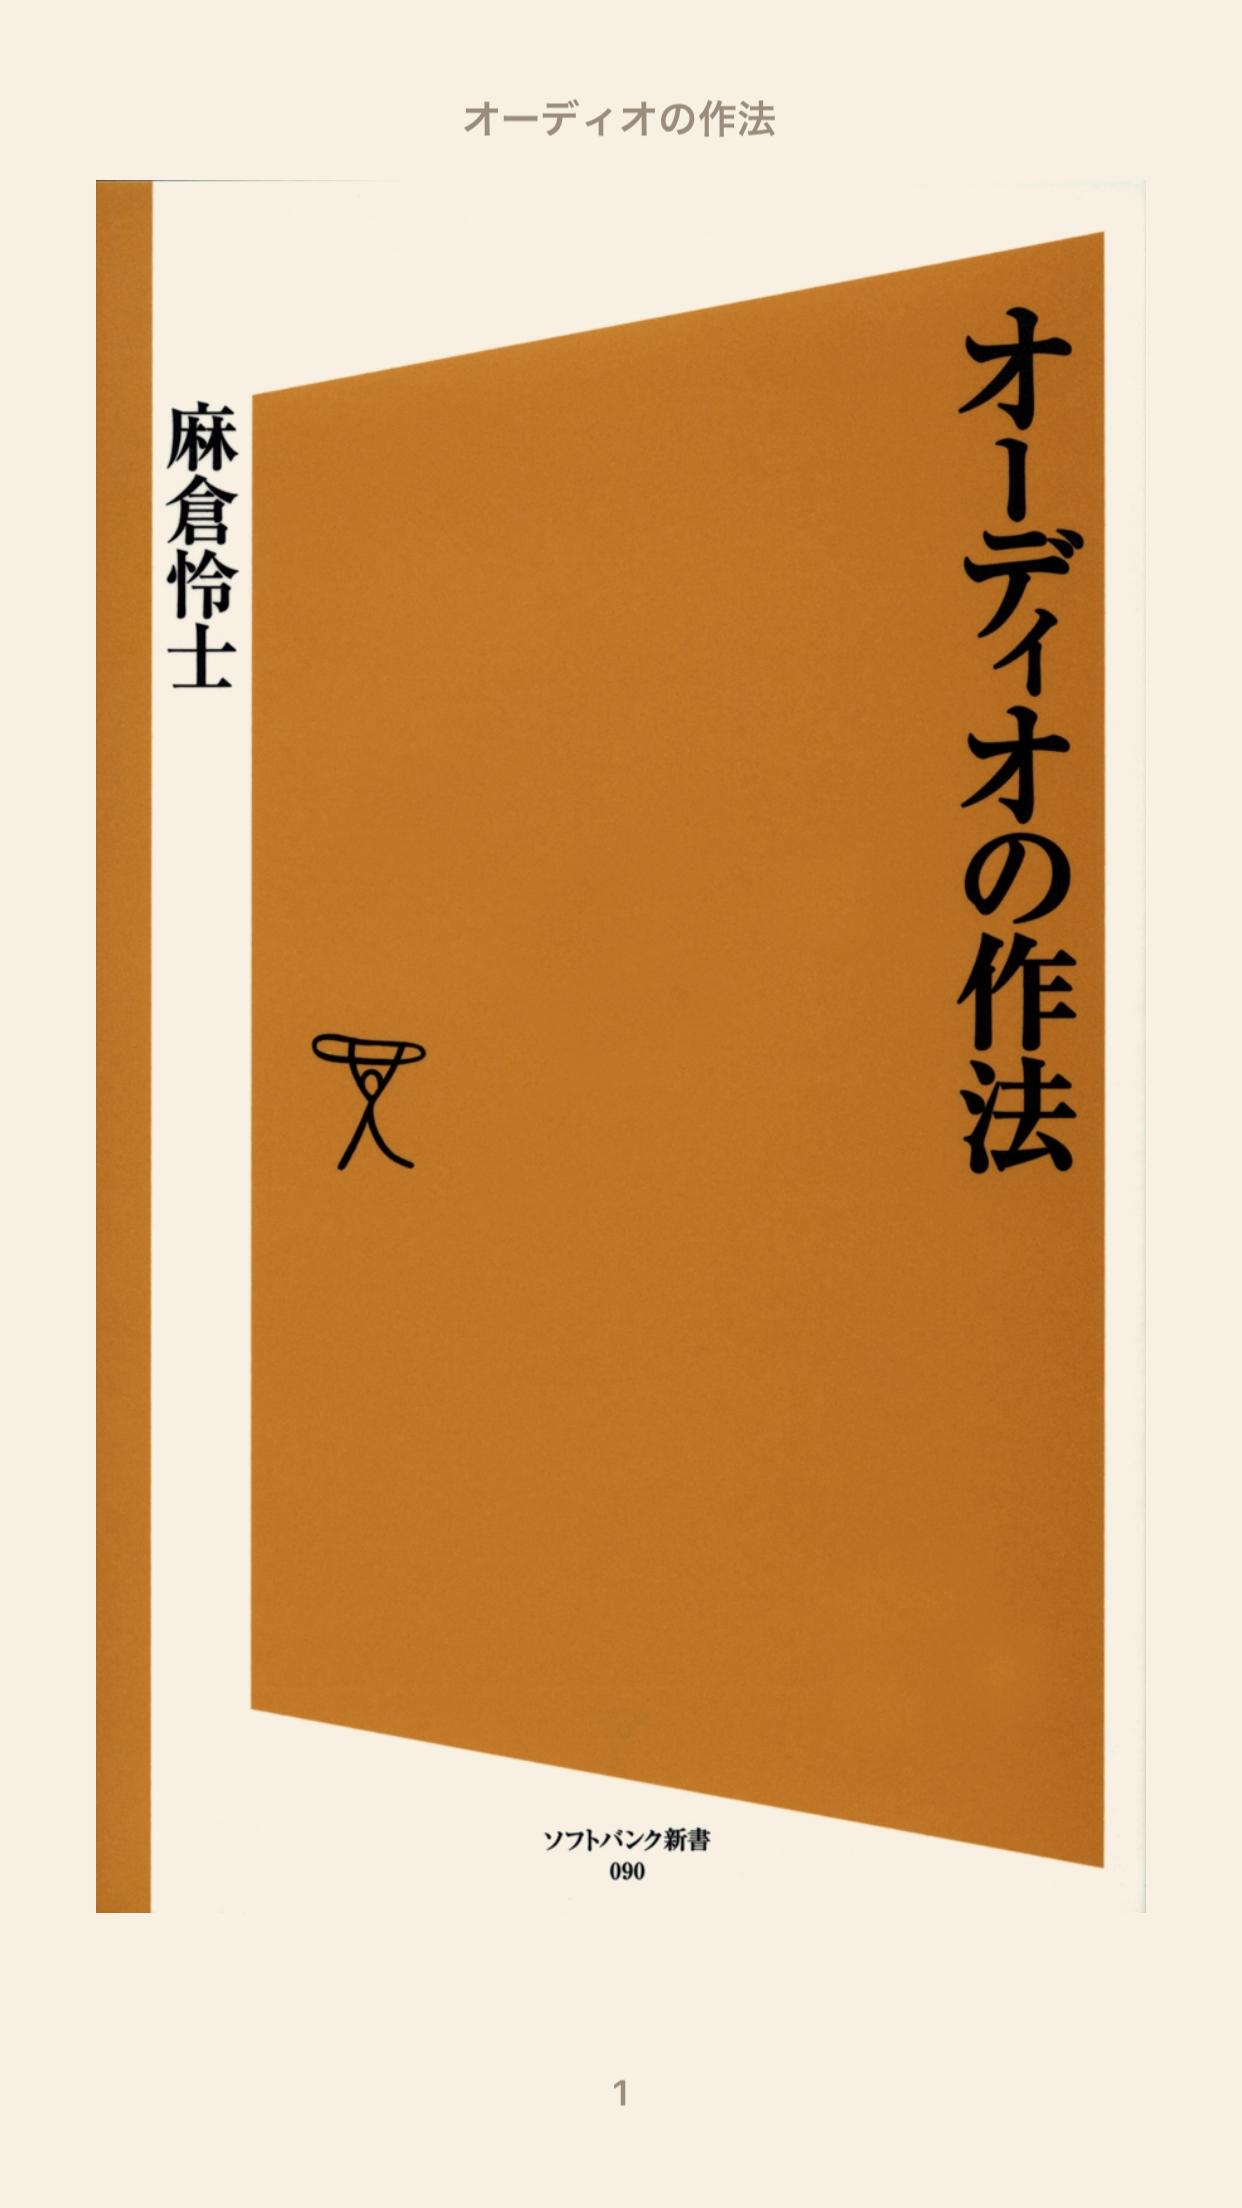 f:id:MasaruUruwashi:20170526160635p:image